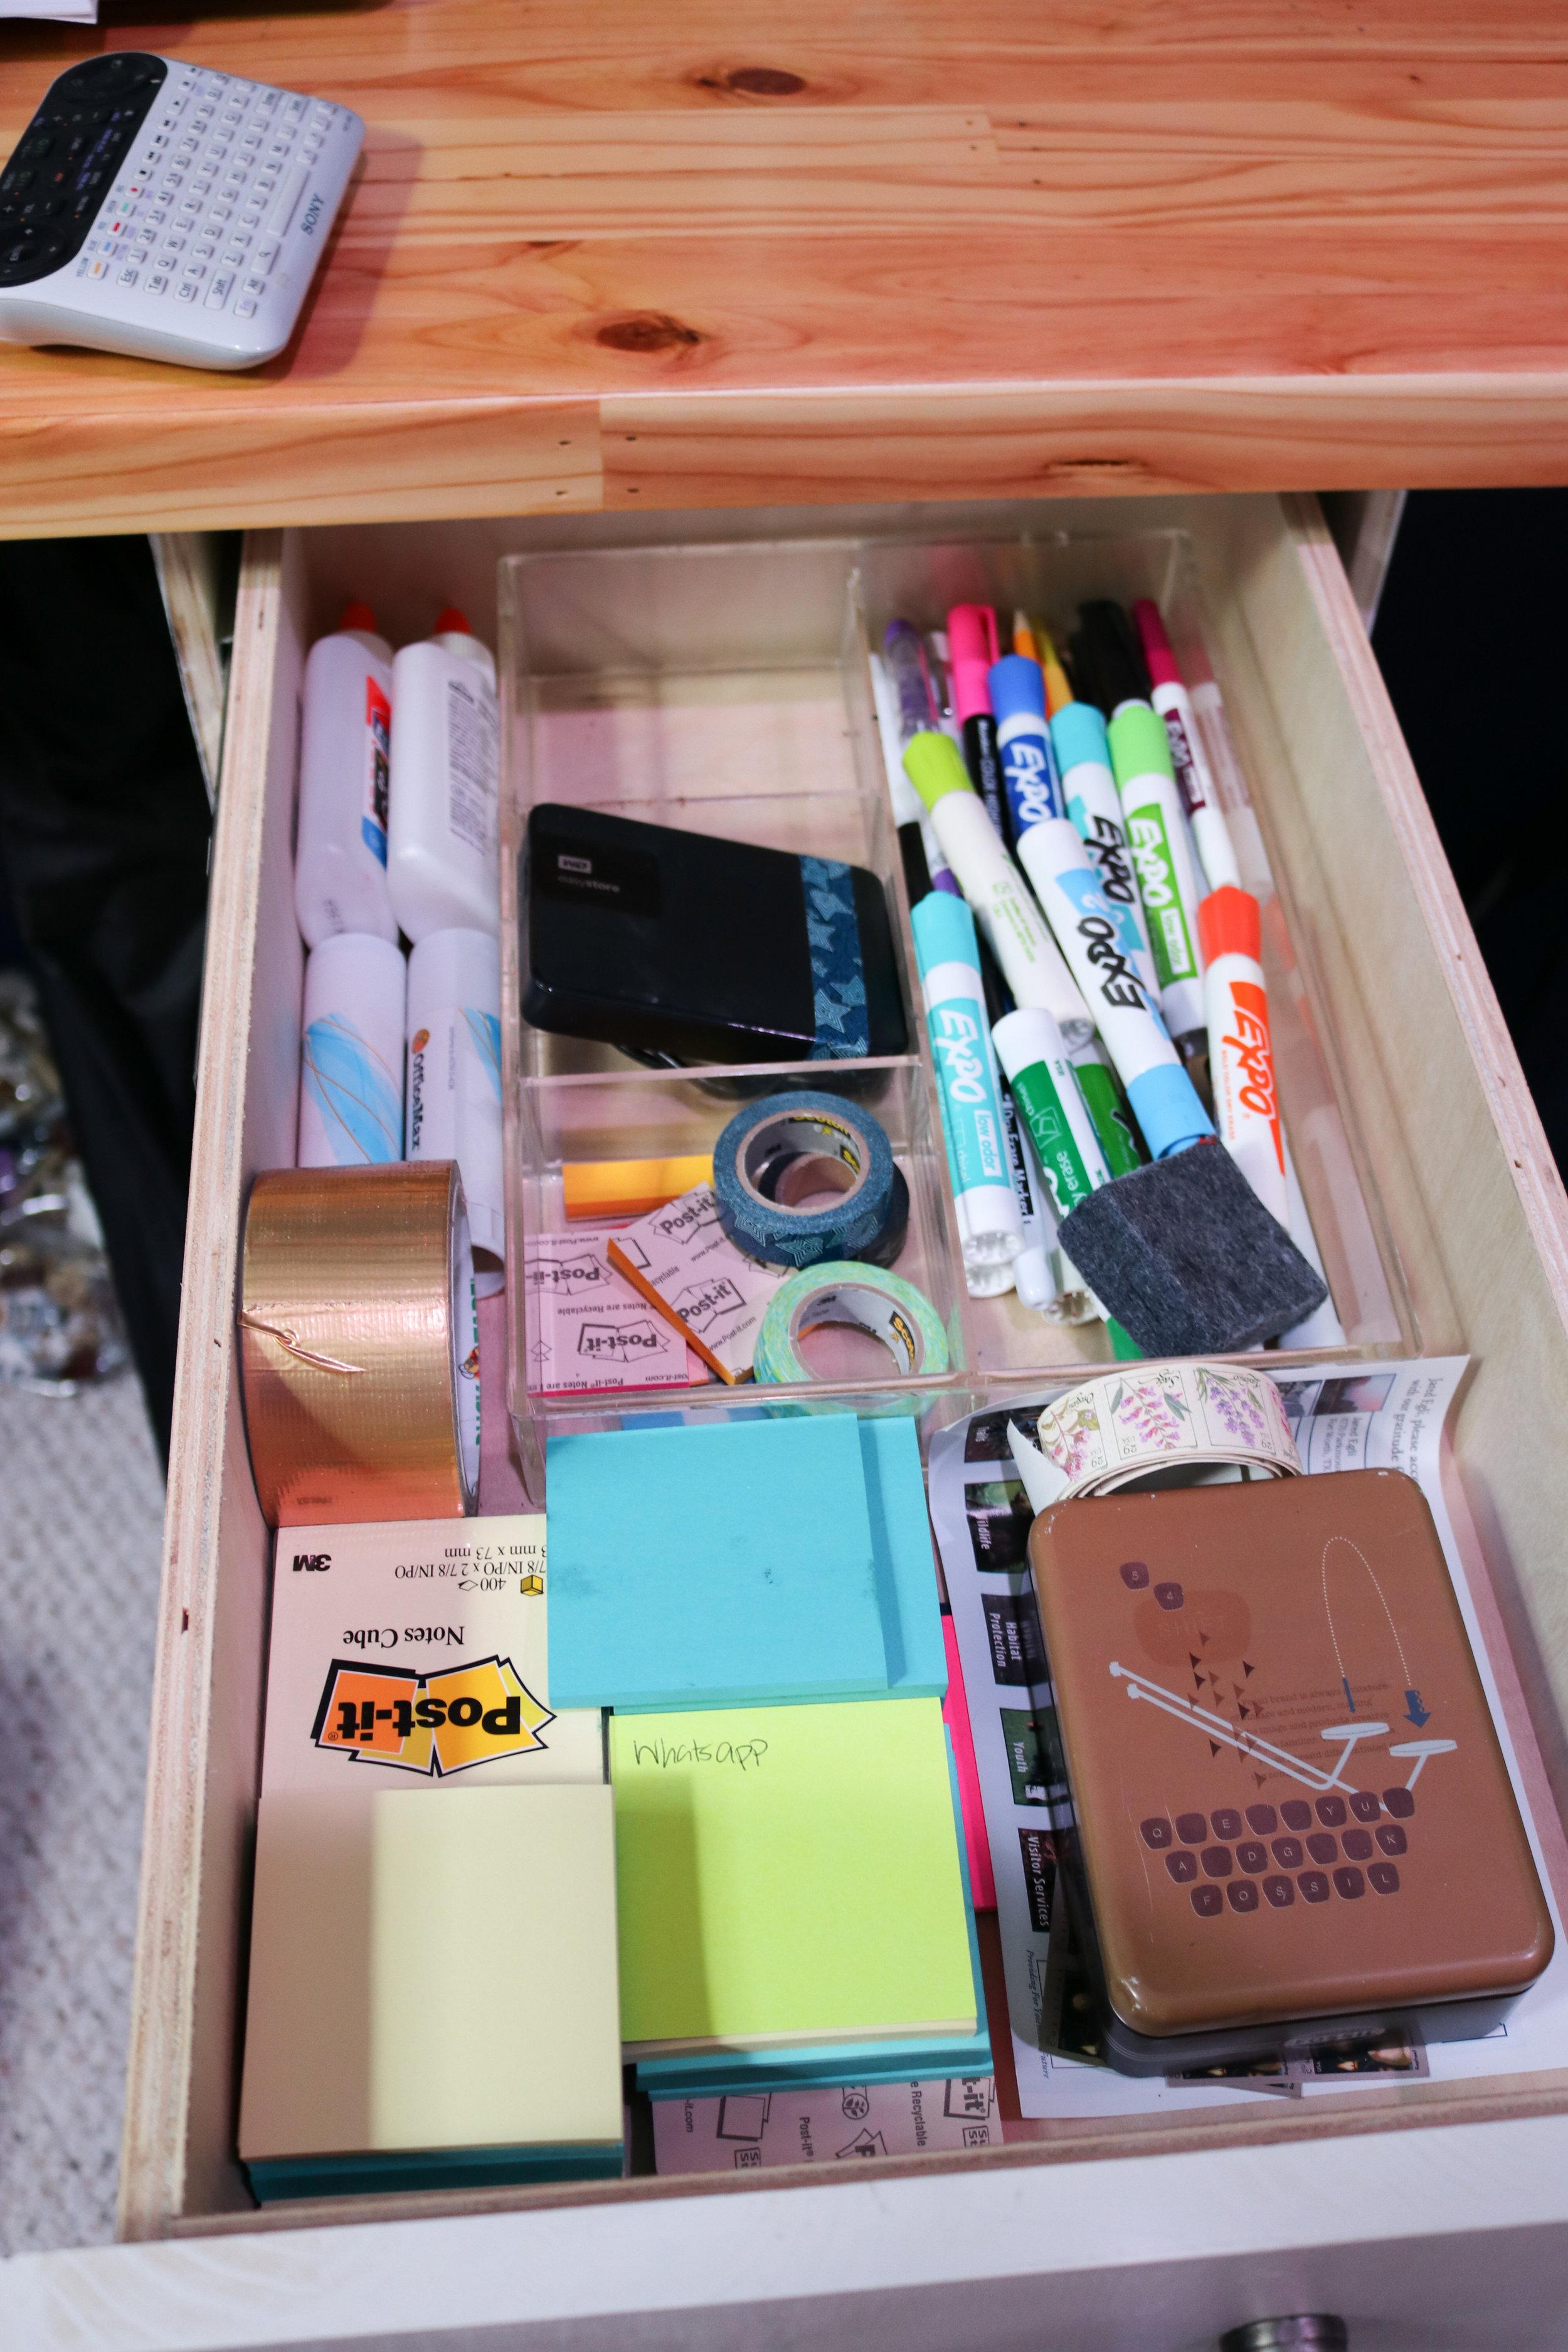 So organized!